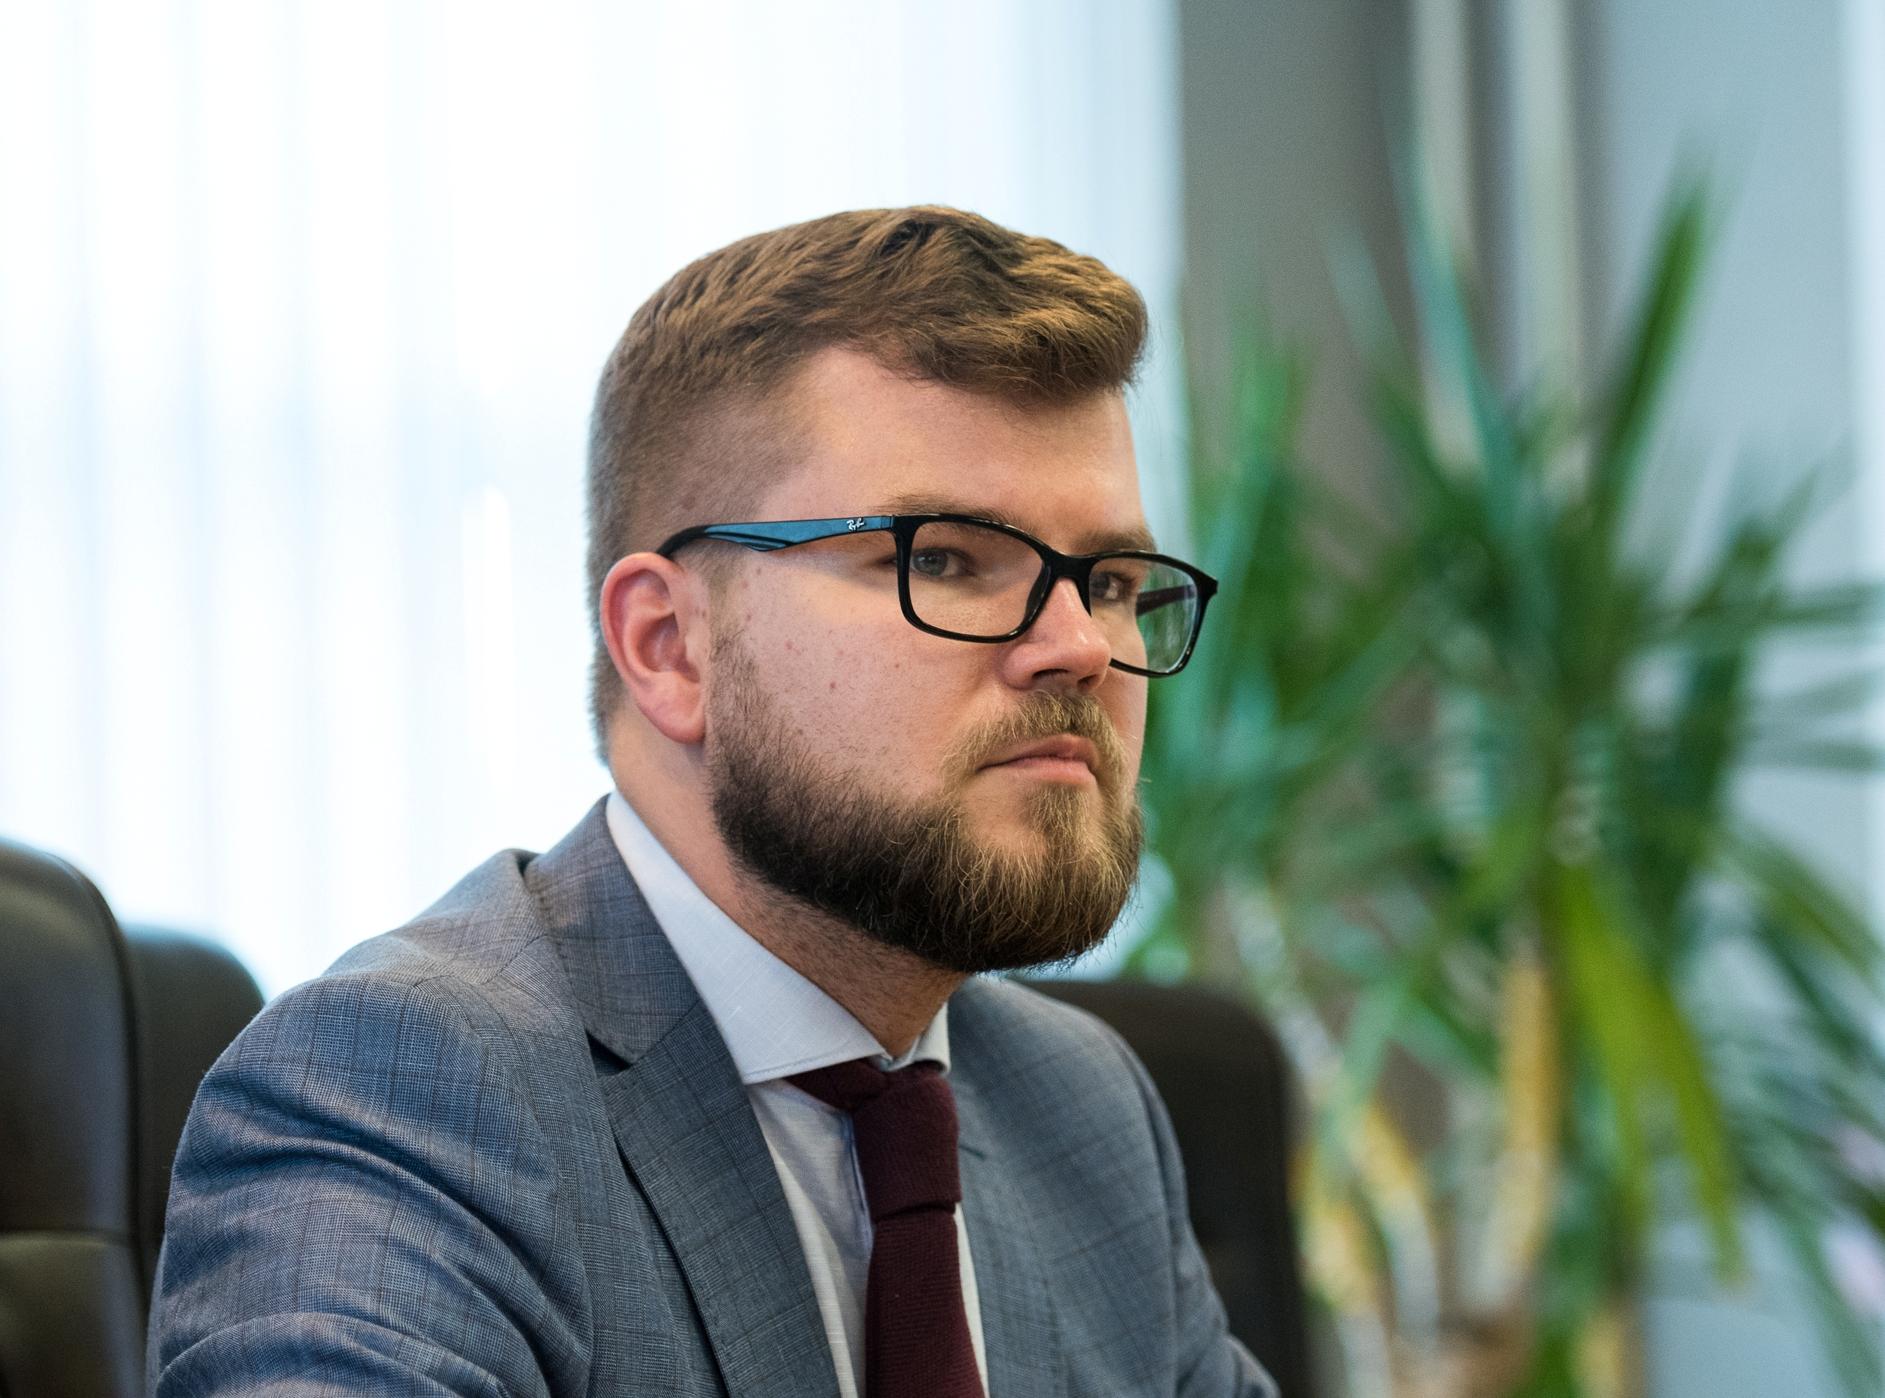 Евгений Кравцов: Поезда ходят почти пустые